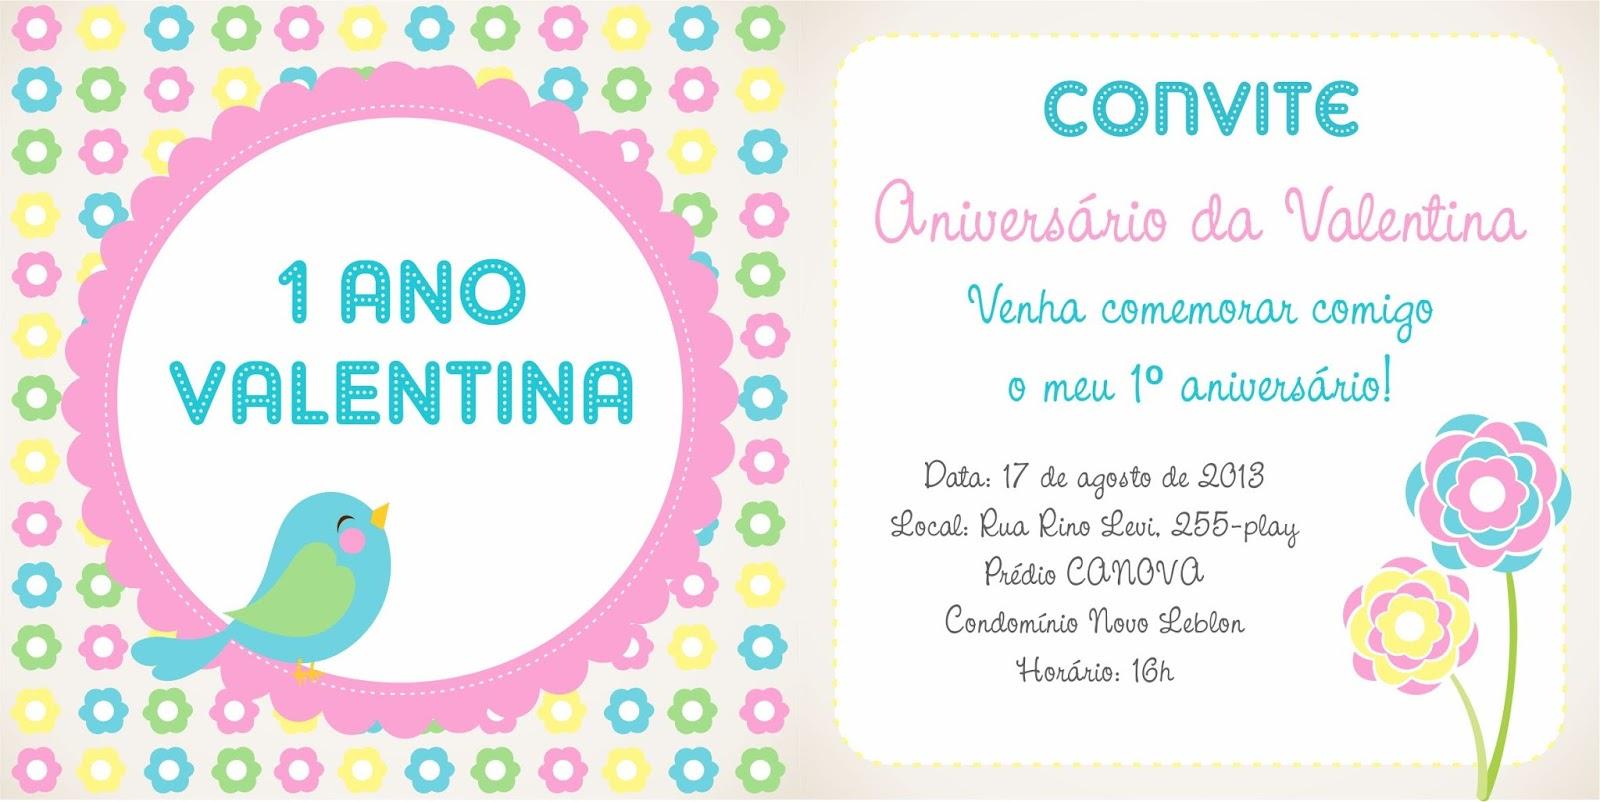 Convite De Aniversário Jardim Renata Freire Portfolio